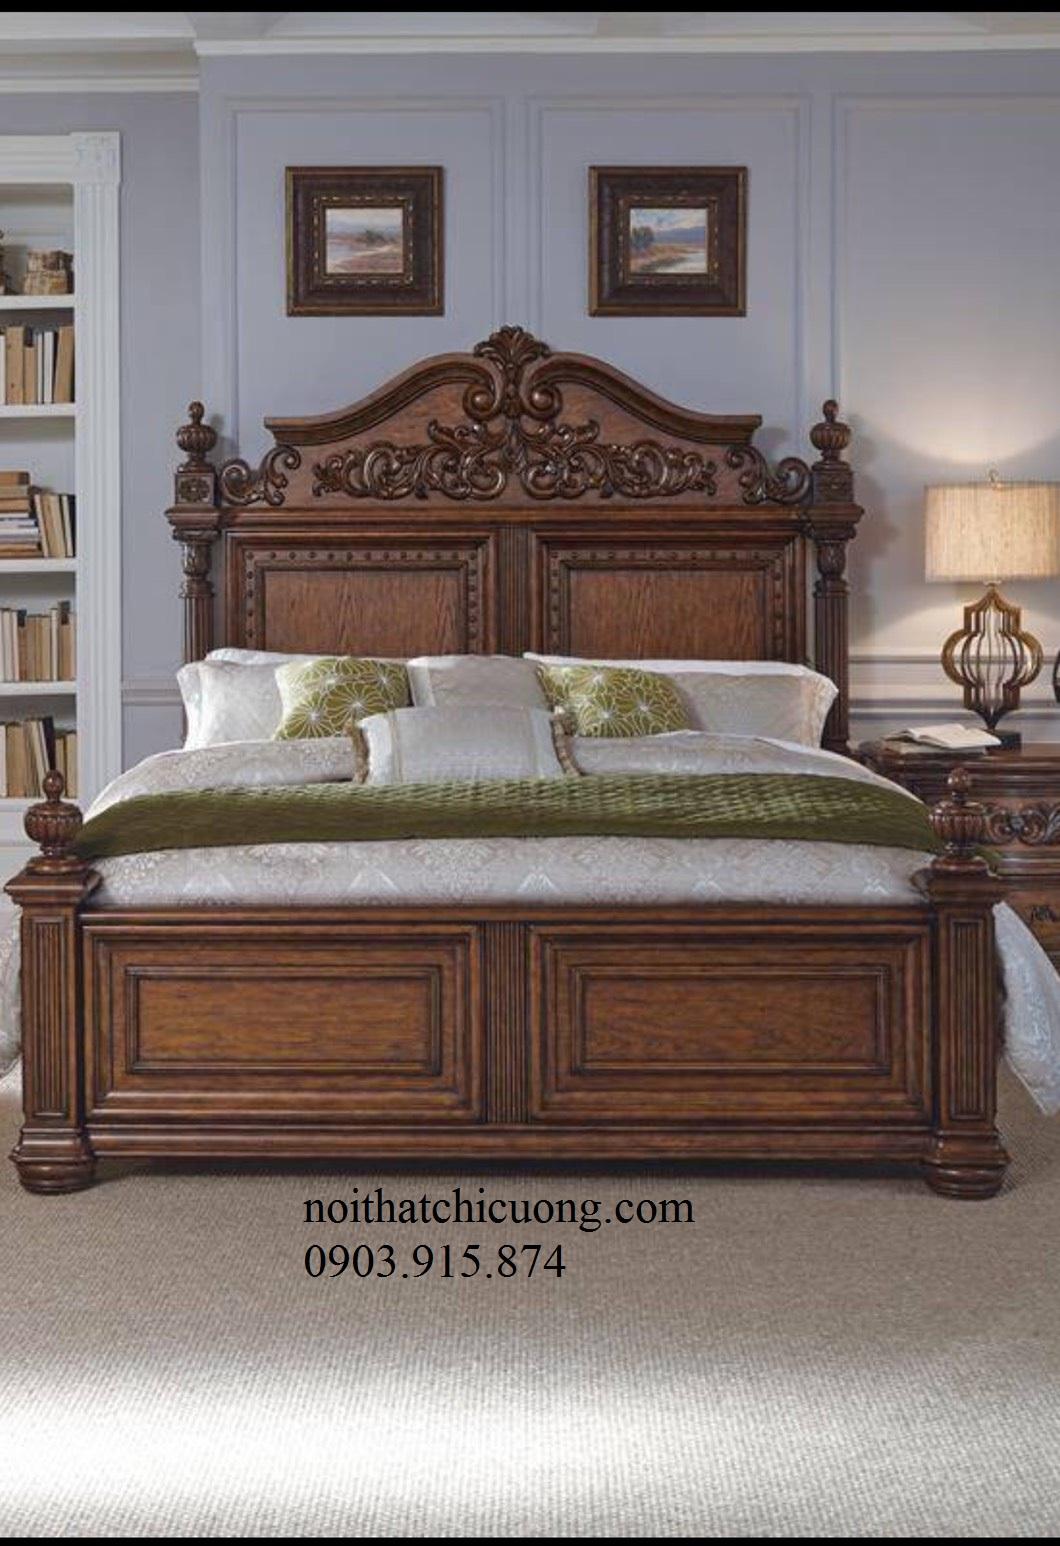 Giường Ngủ Cao Cấp Kiểu Dáng Hiện Đại 286